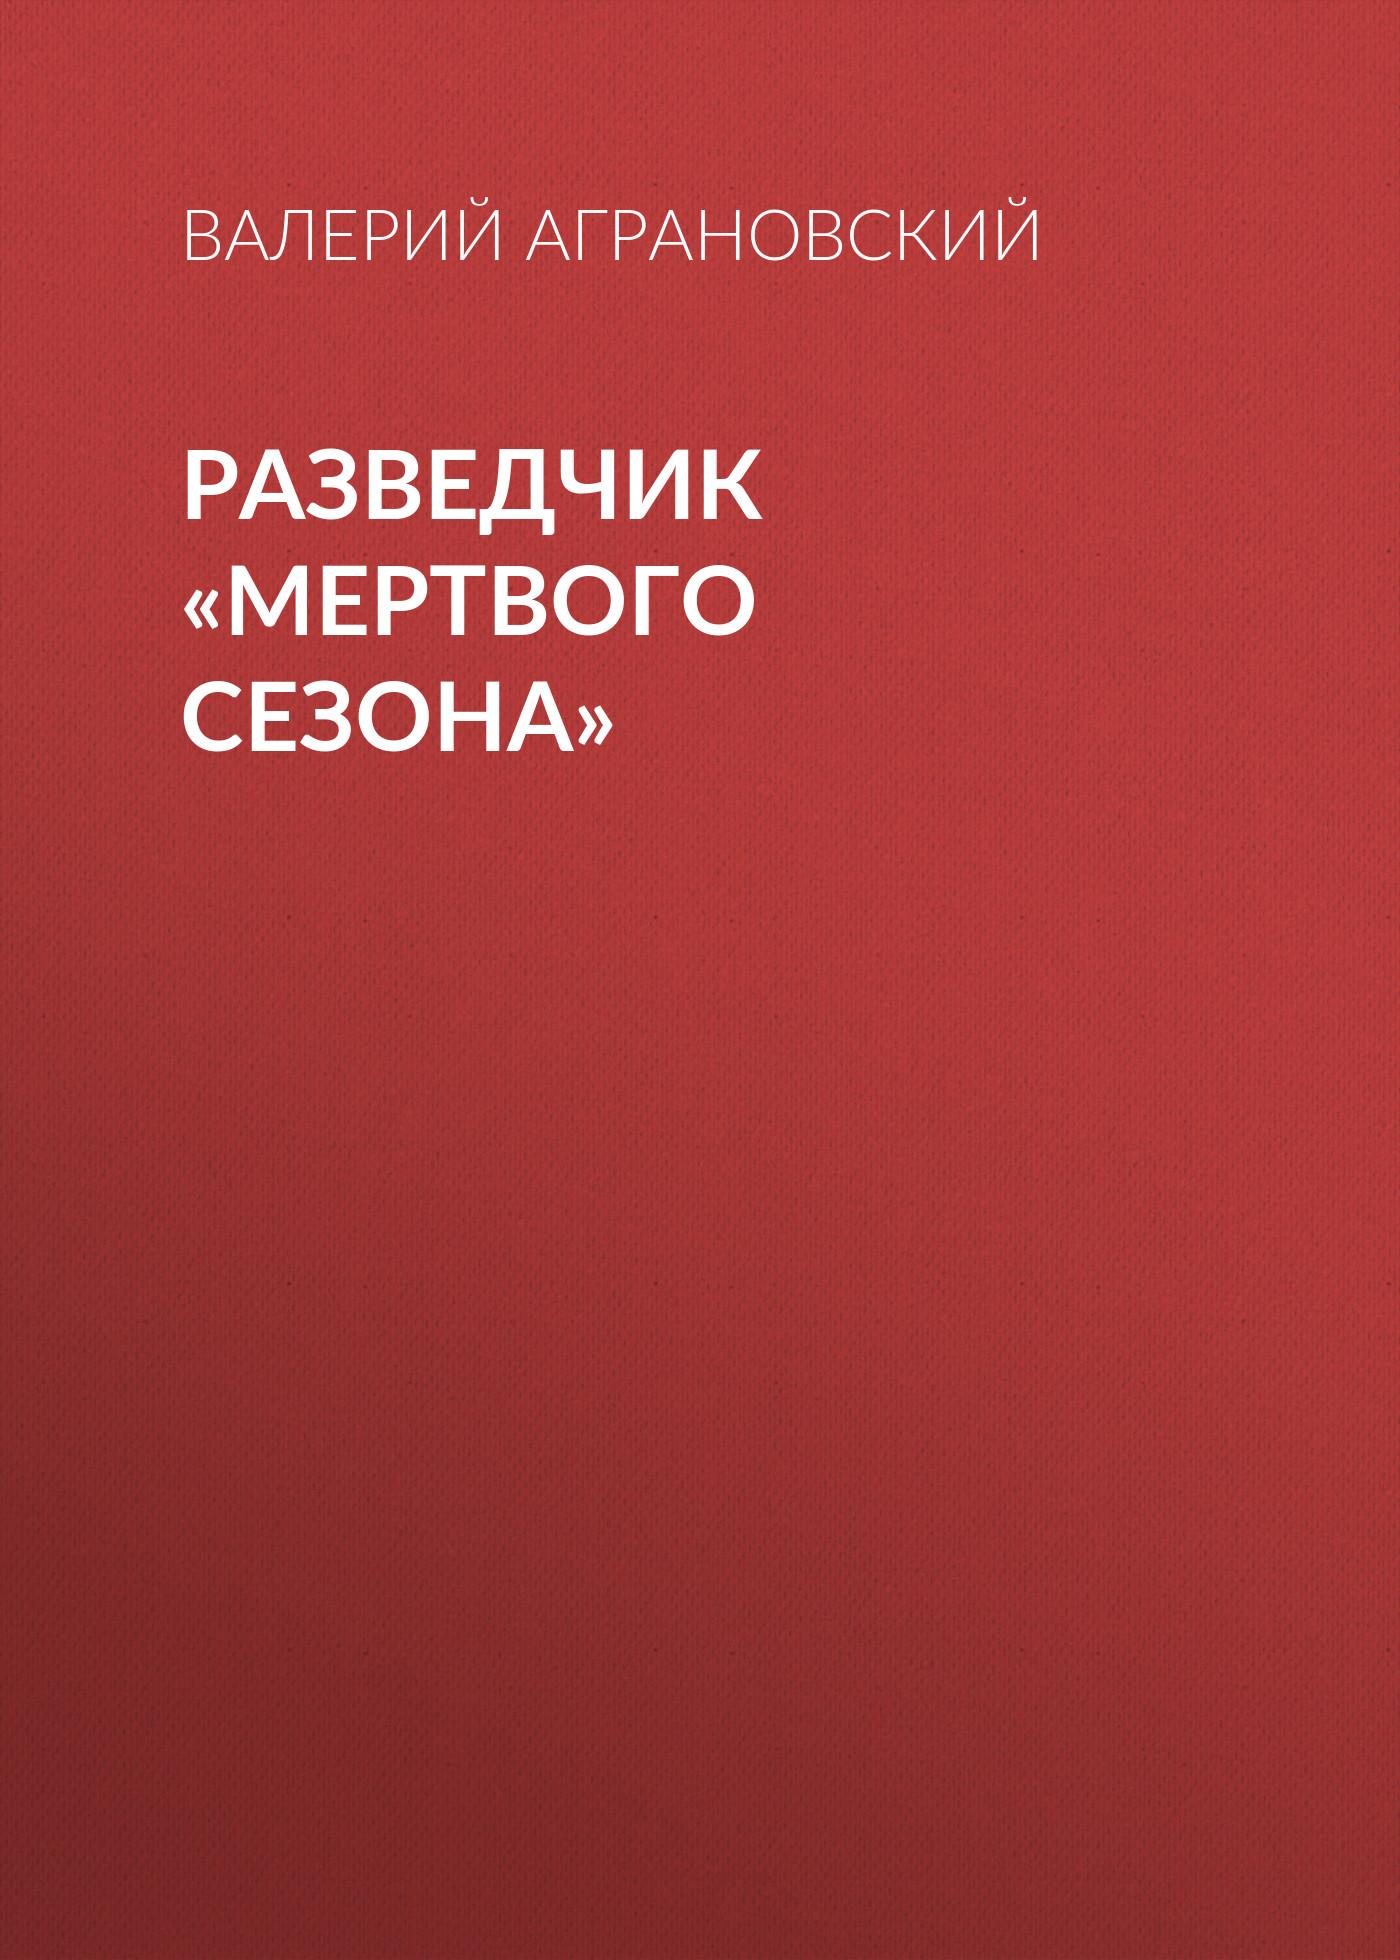 Электронная книга «Разведчик «Мертвого сезона»» – Валерий Аграновский